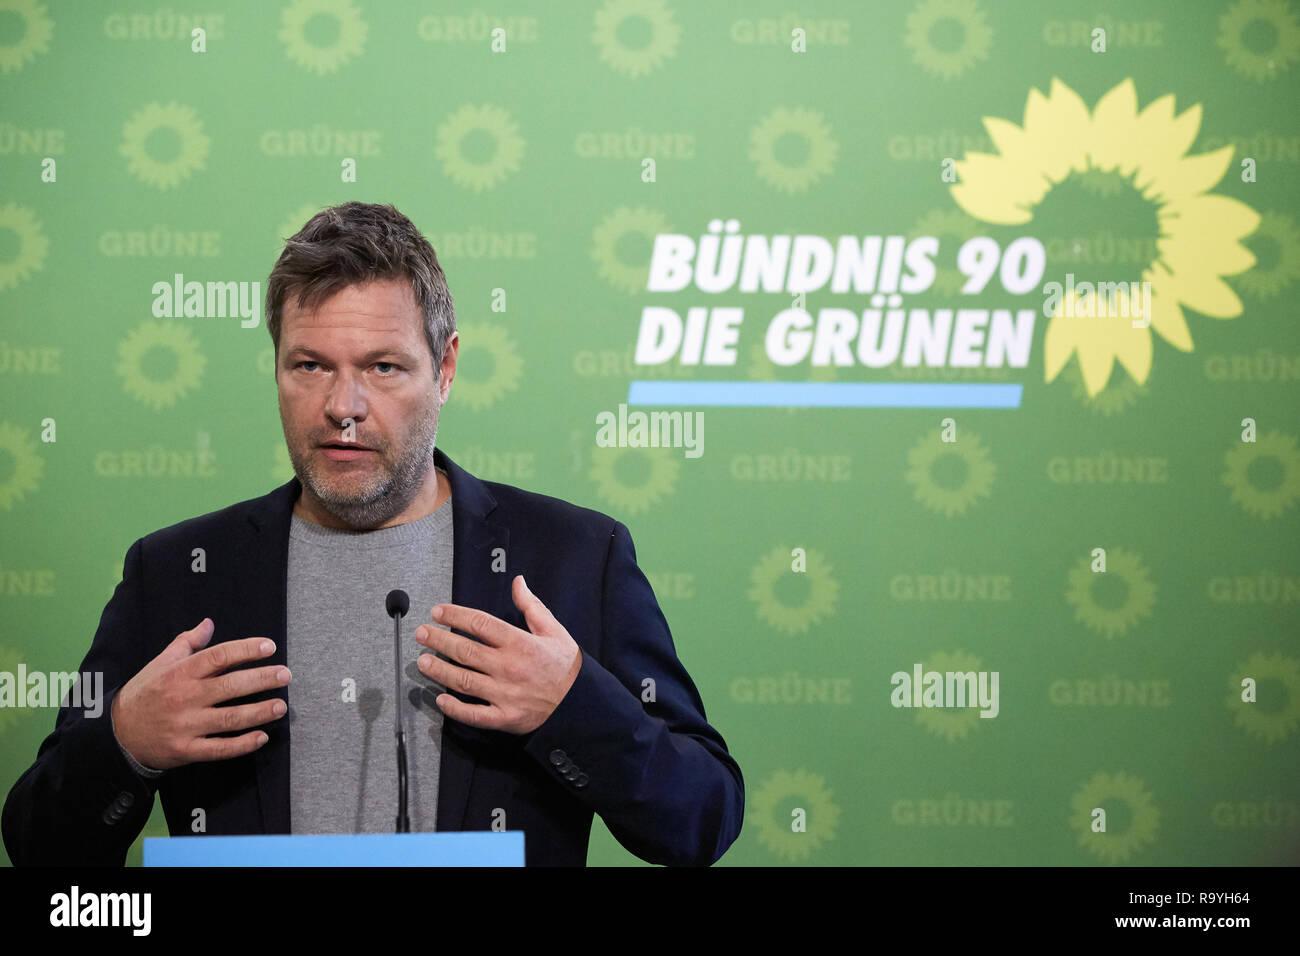 05.11.2018, Berlin, Deutschland - Robert Habeck, Bundesvorsitzender Buendnis 90/DIE GRUENEN. 00R181105D215CARO.JPG [MODEL RELEASE: NO, PROPERTY RELEAS Stock Photo